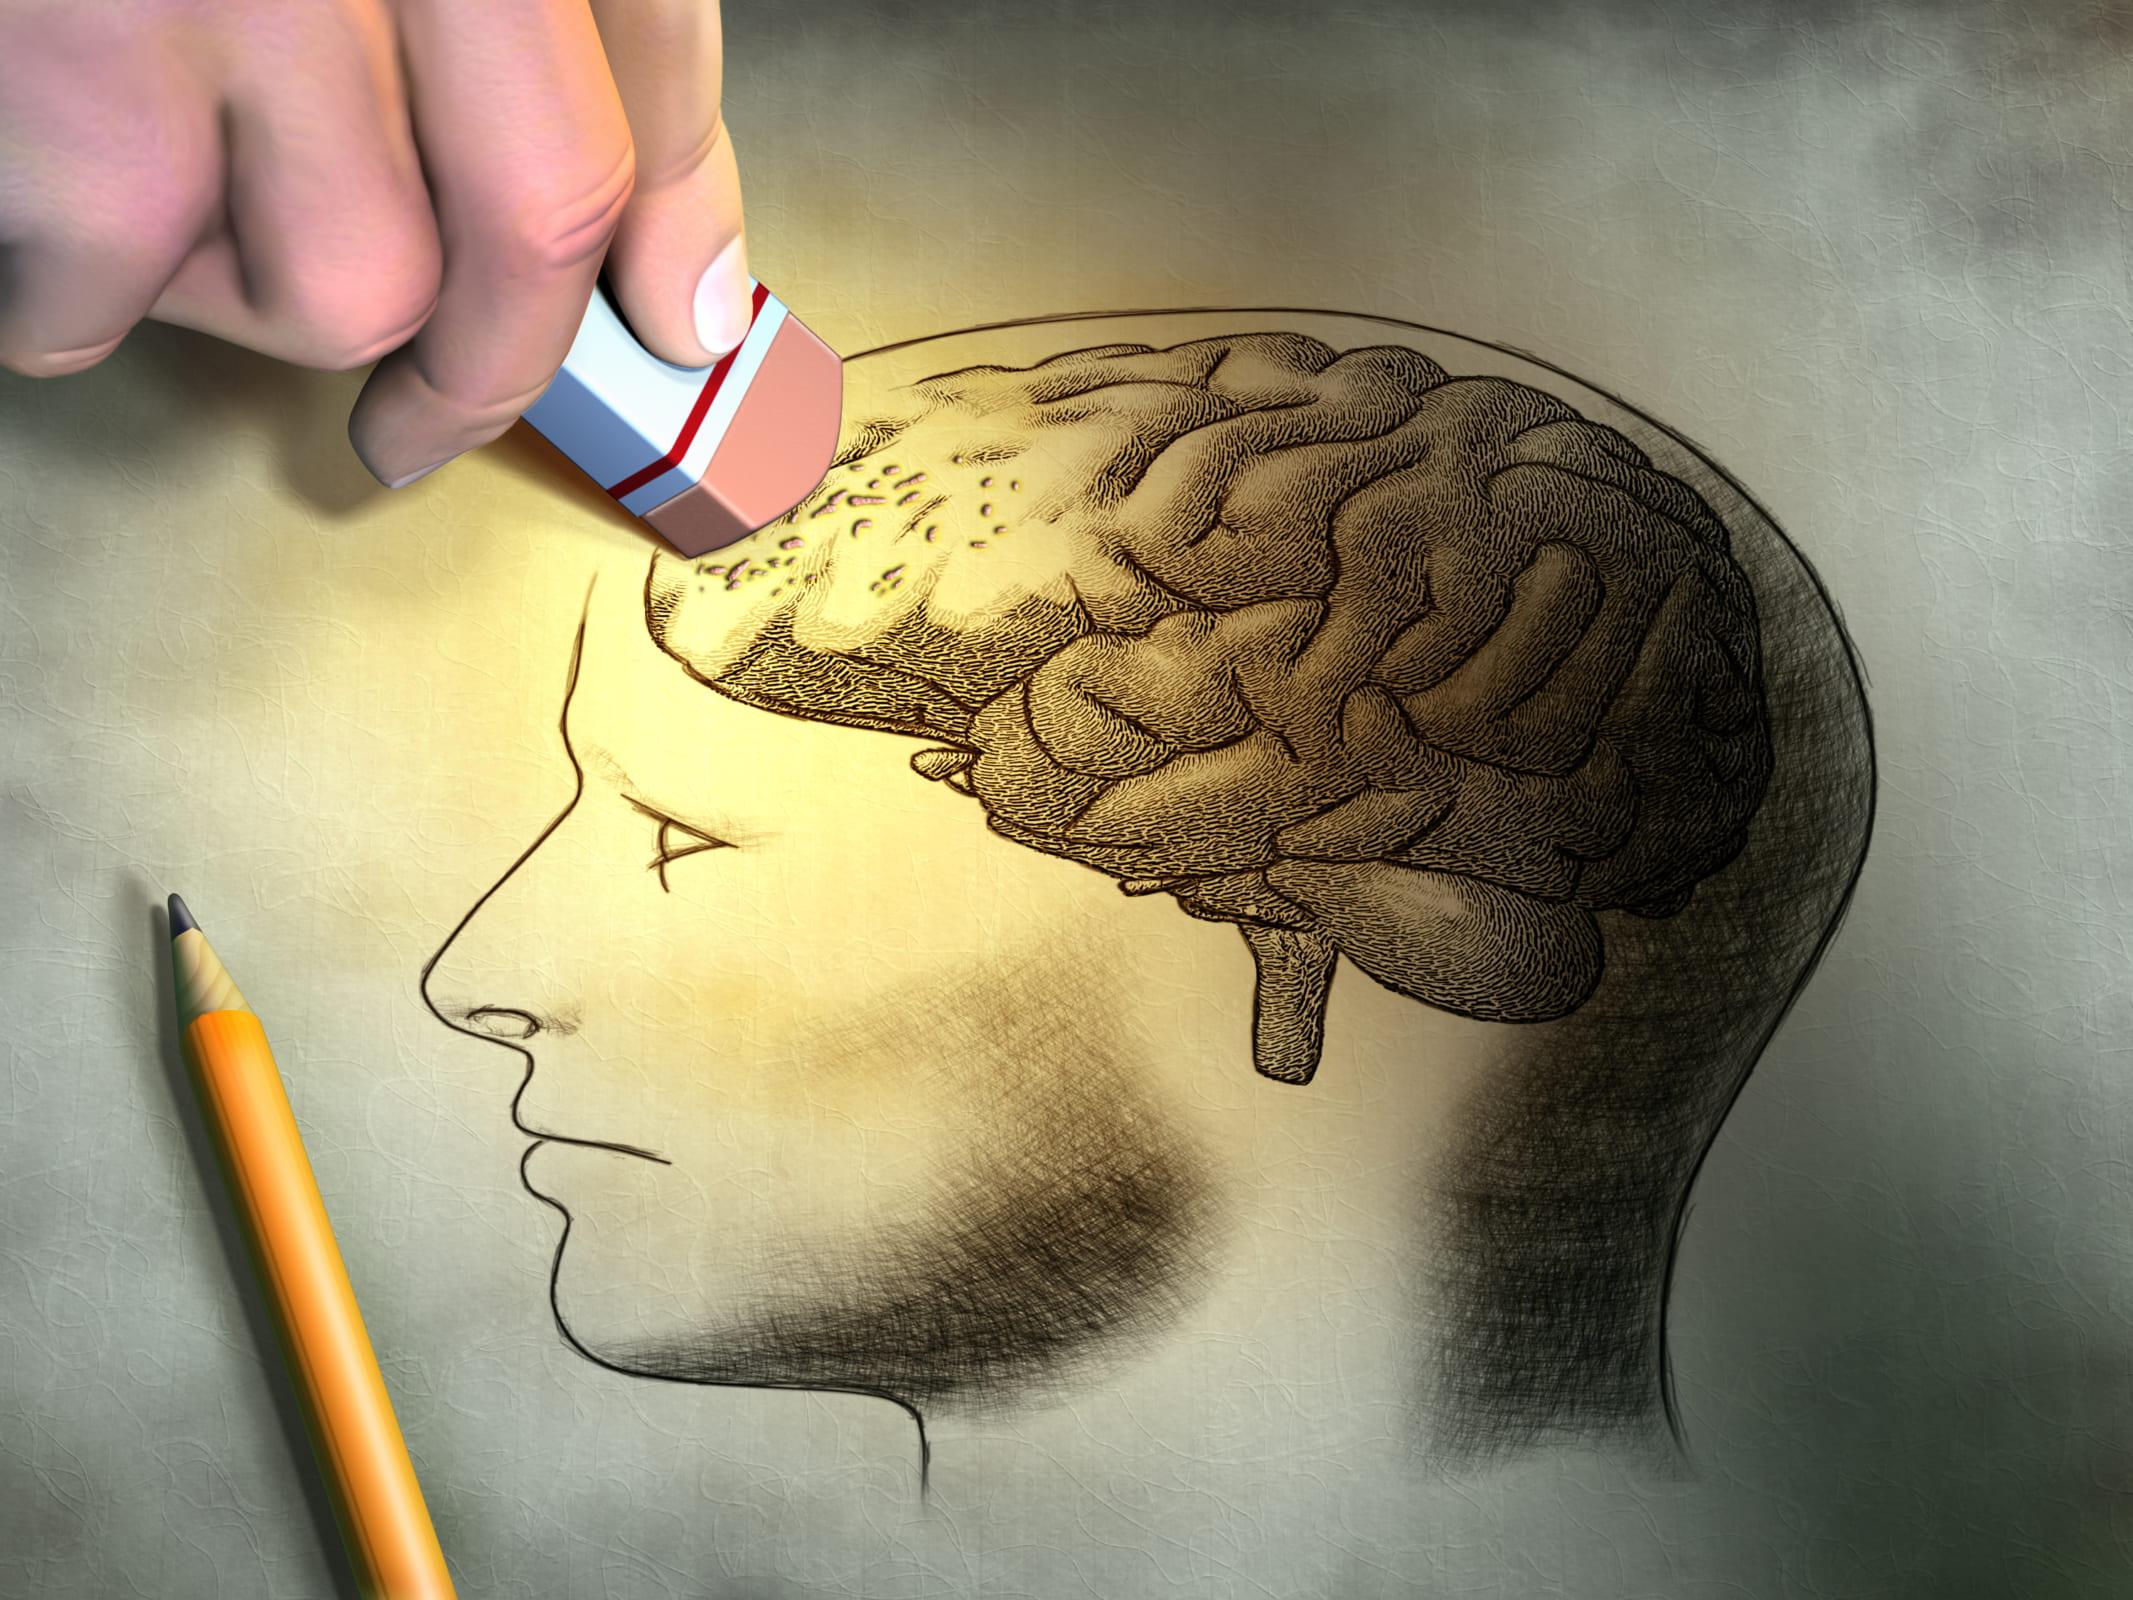 超音波アルツハイマー治療法は新薬との相乗効果も期待できる